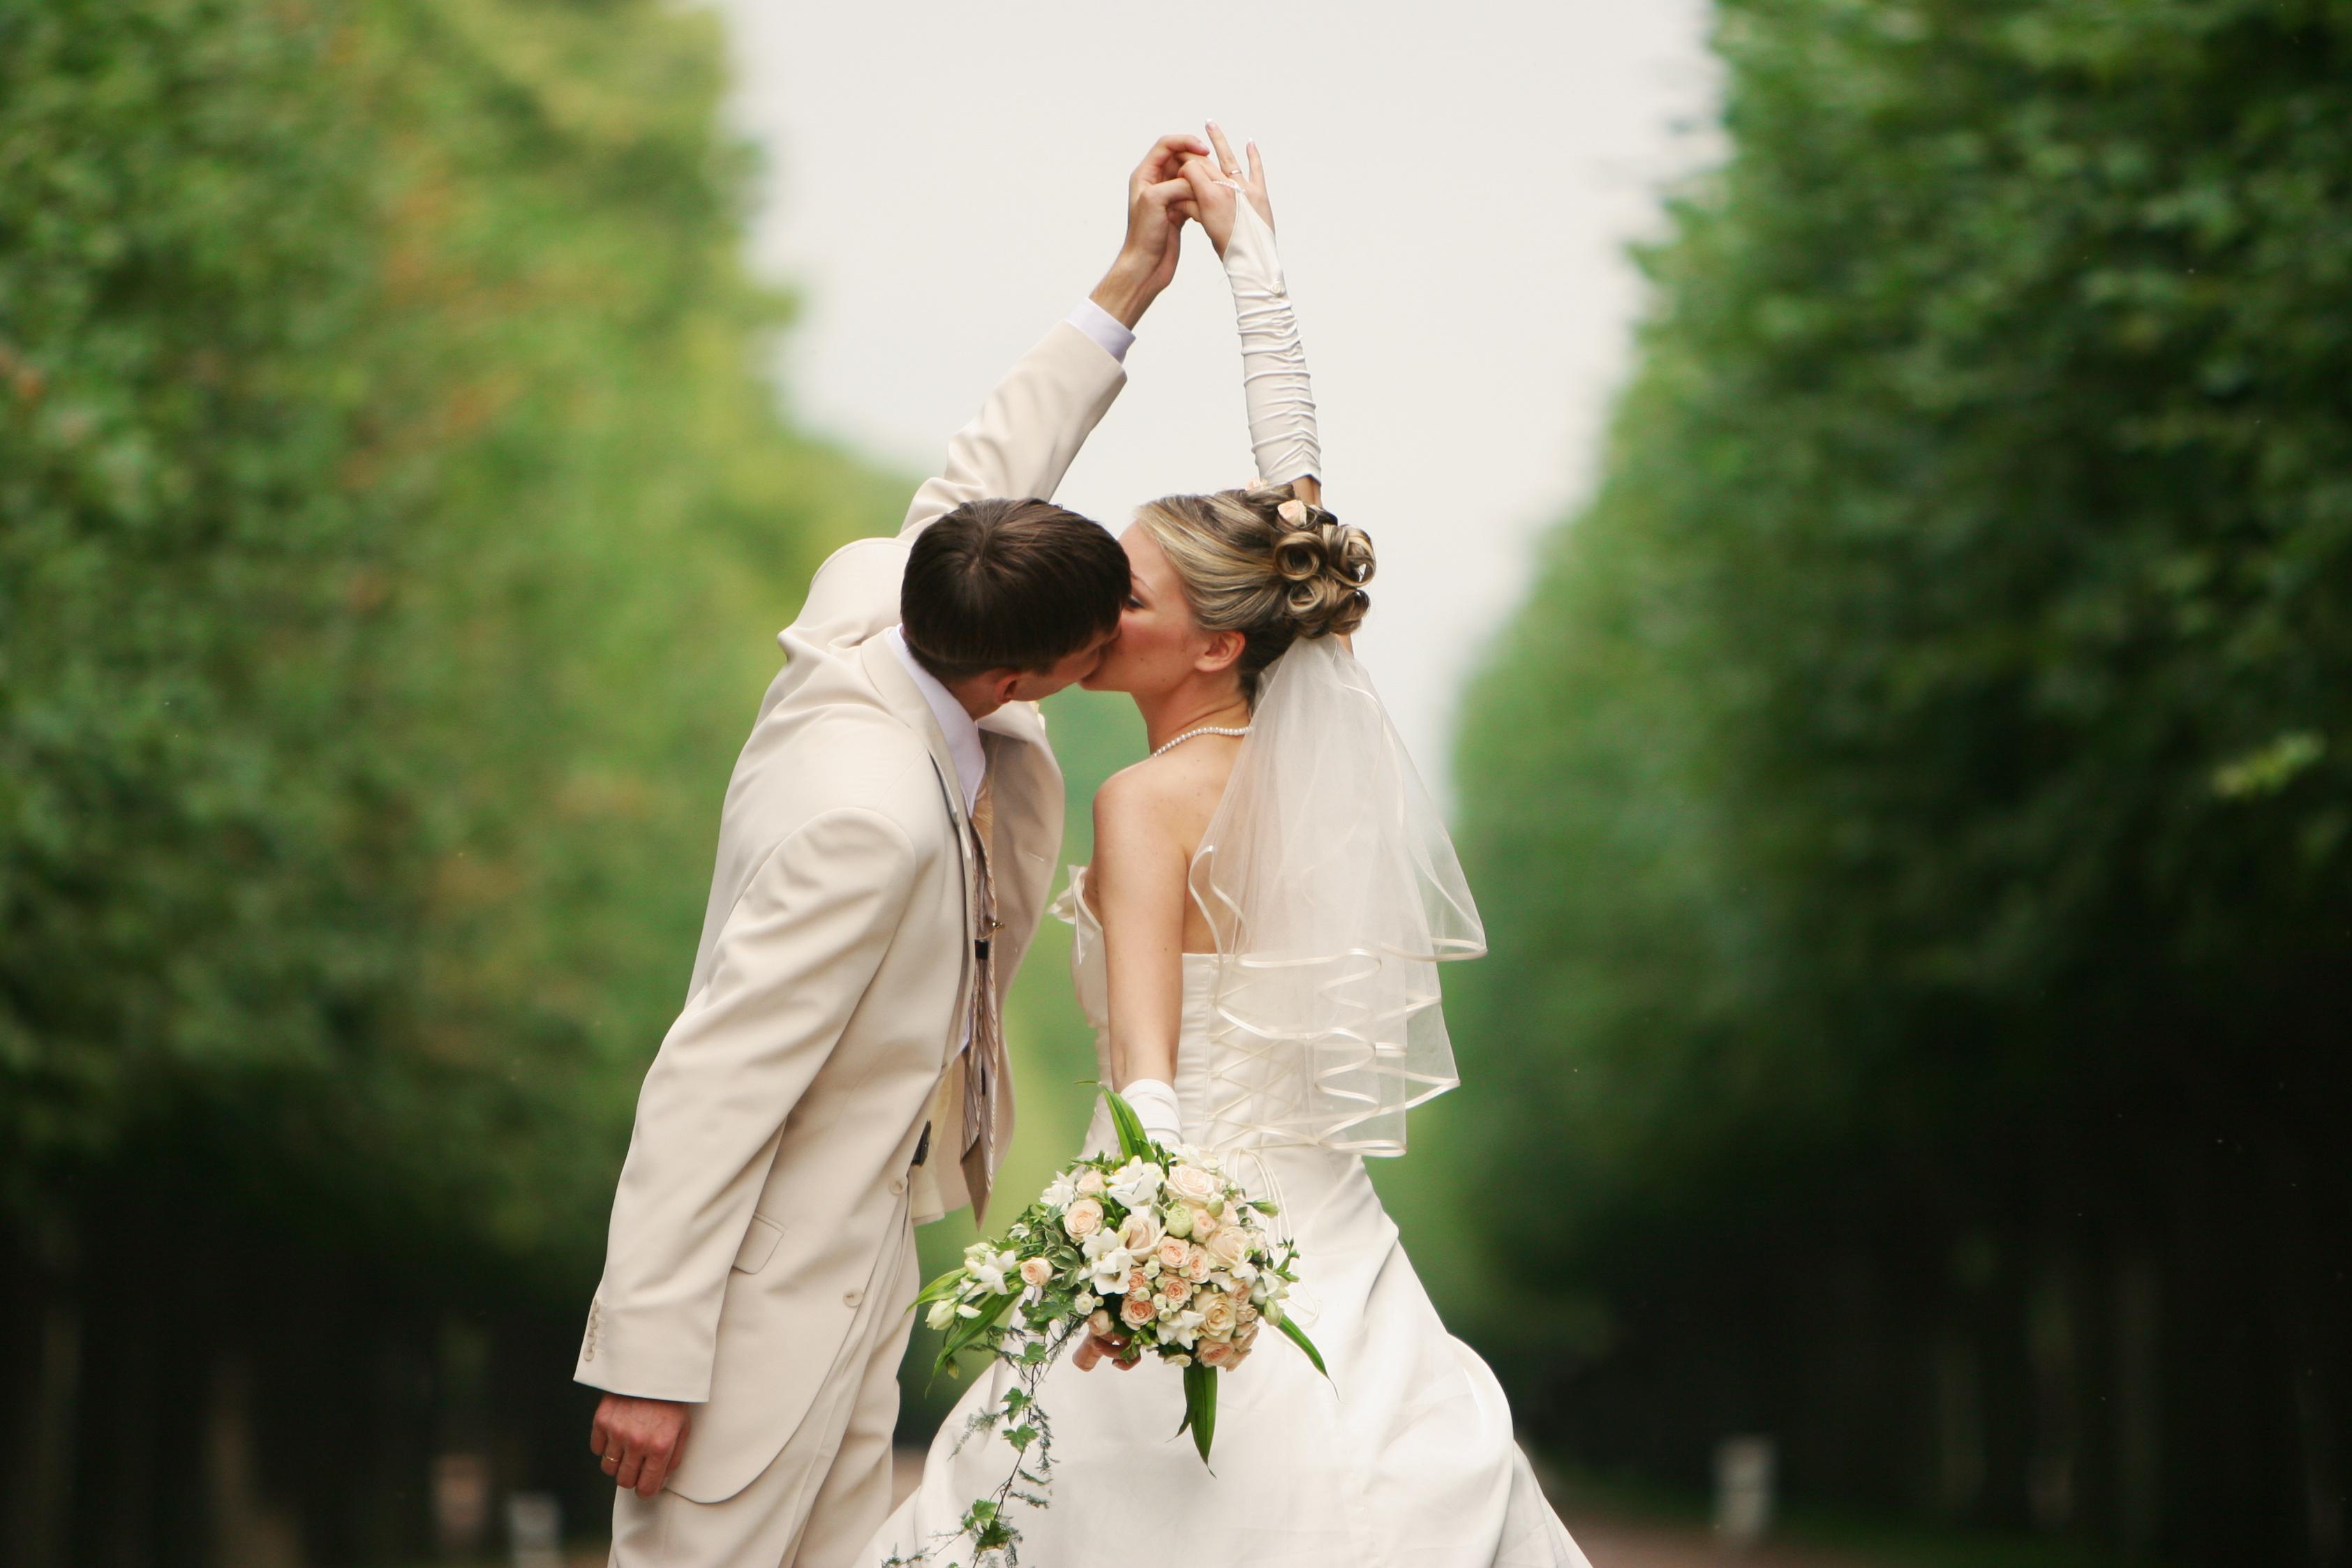 Exceptionnel Choisir un bon traiteur pour un mariage : les 10 questions  RP31